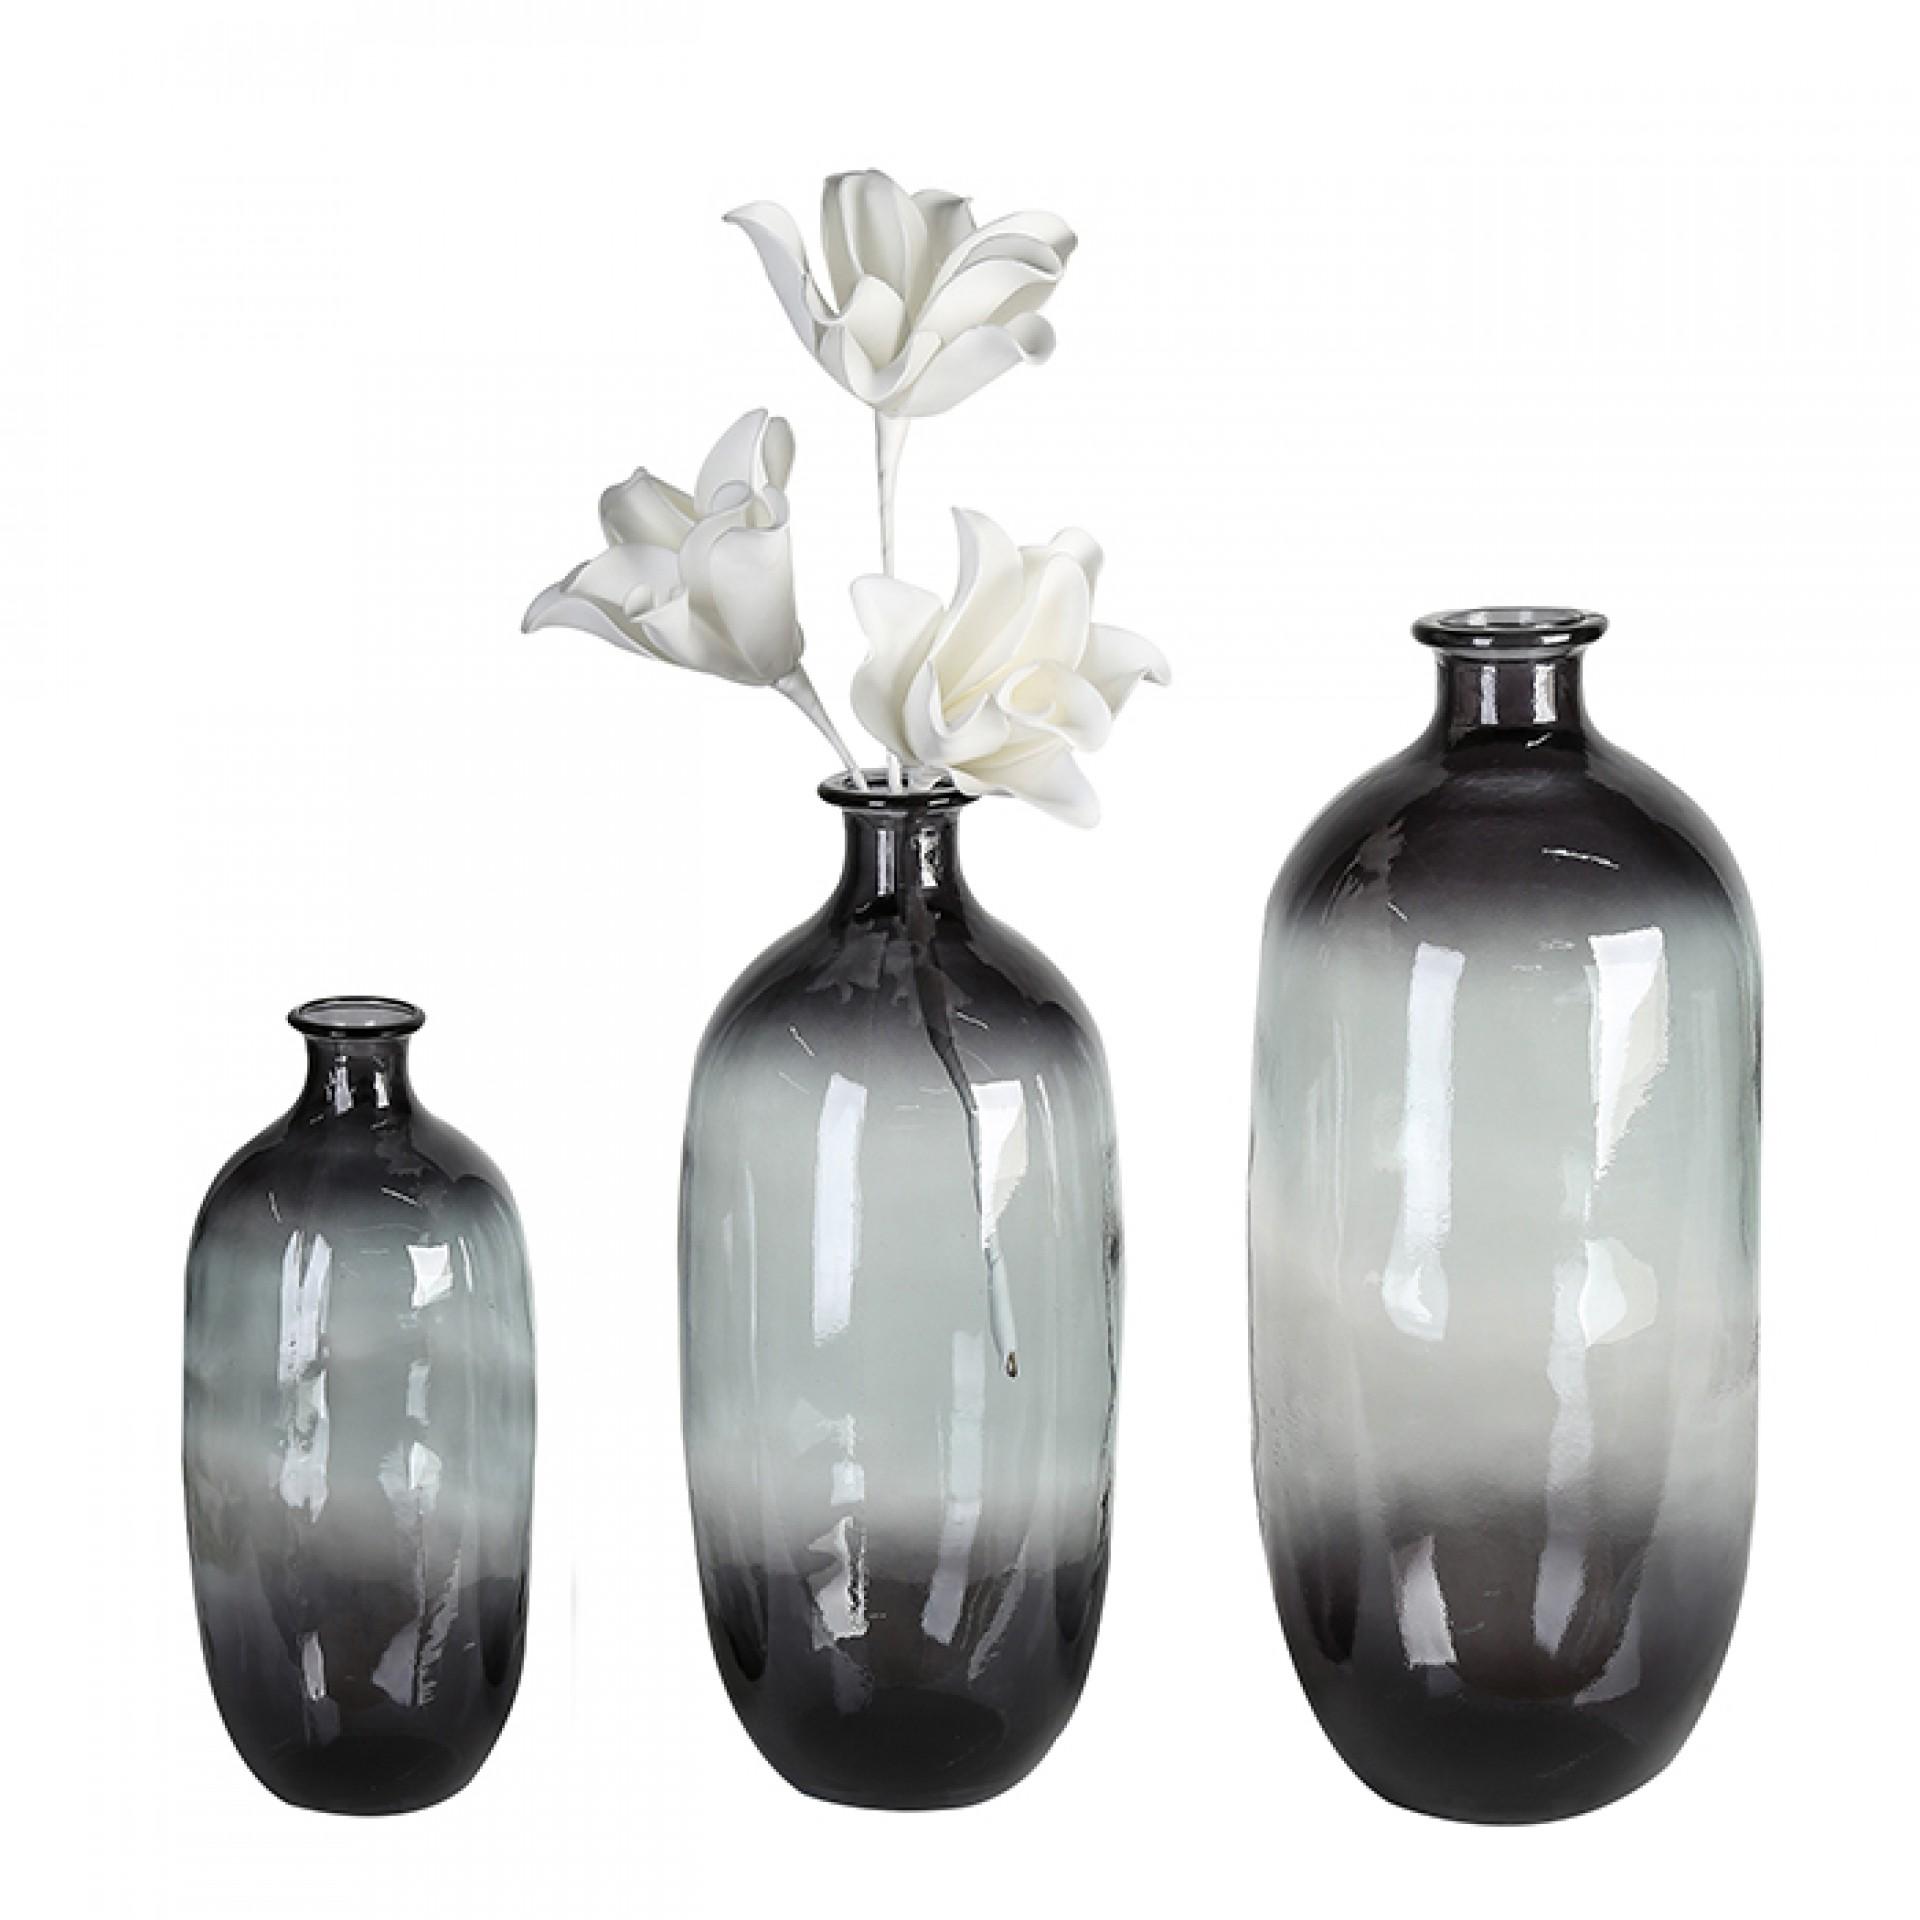 Váza z recyklovaného skla Laica, 38 cm, šedá